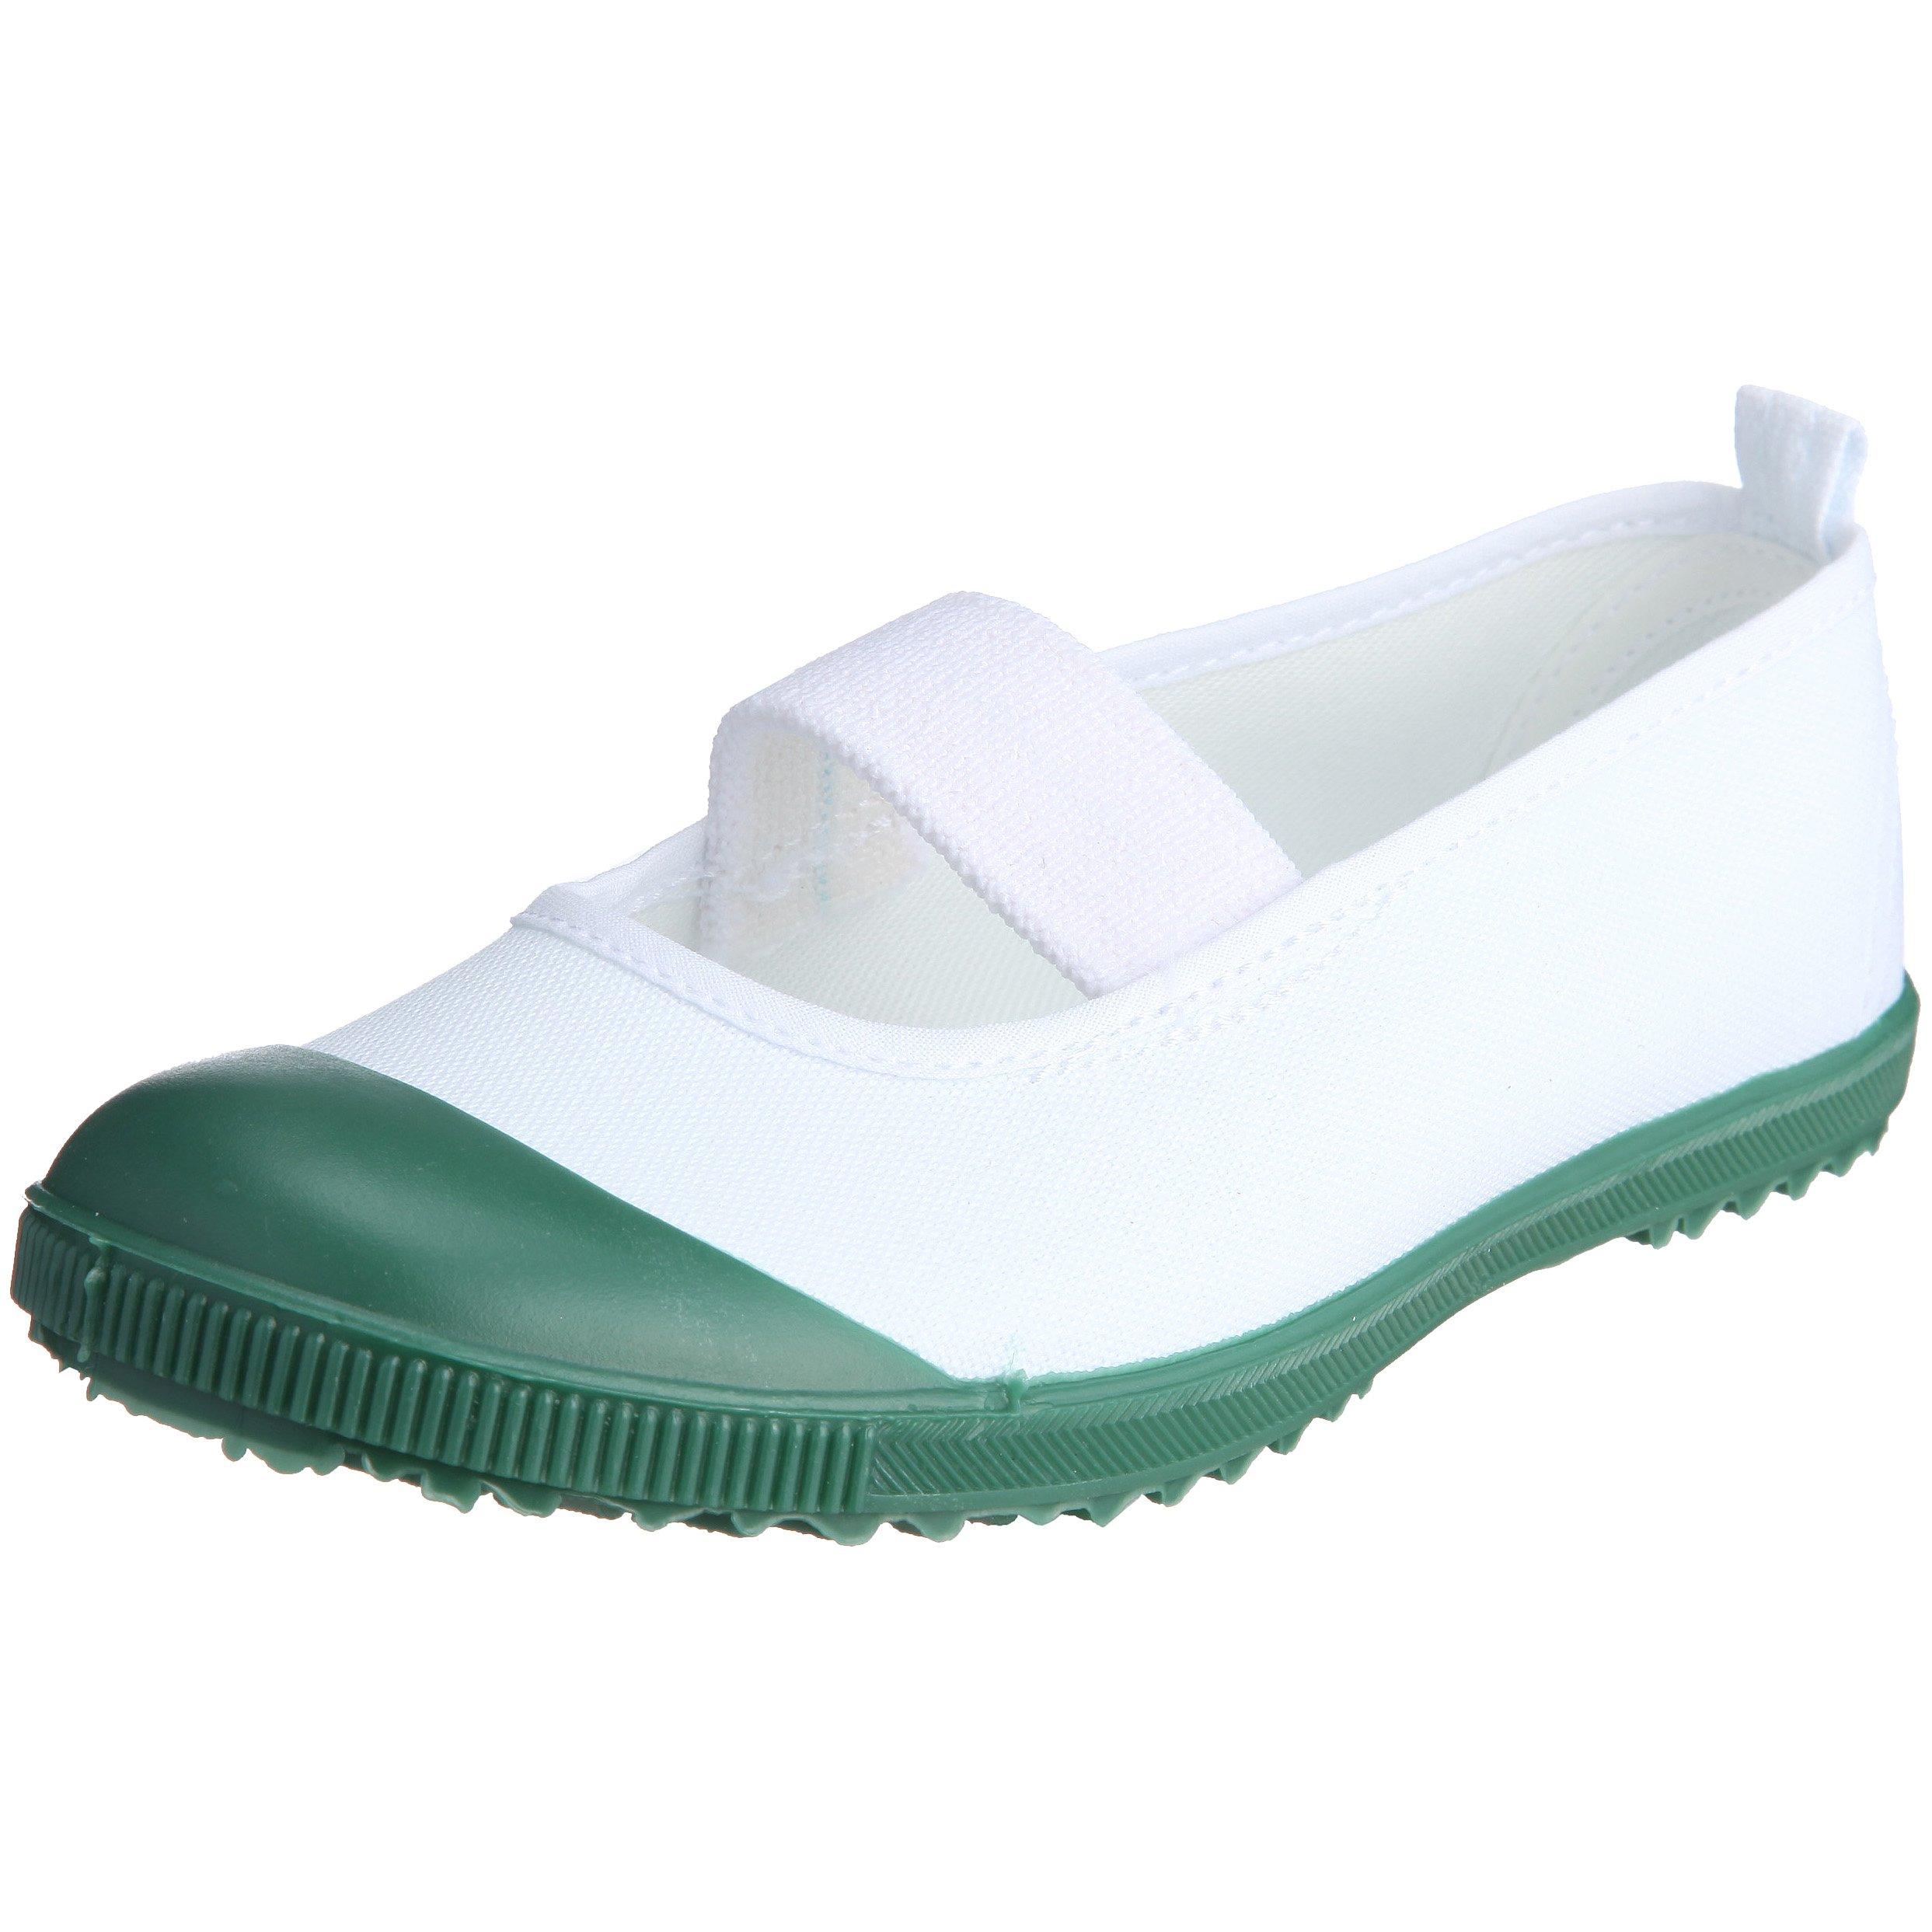 [アキレス] 上履き 日本製 カラーバレー 15cm~28cm 2E キッズ 男の子 女の子 HCB 5200